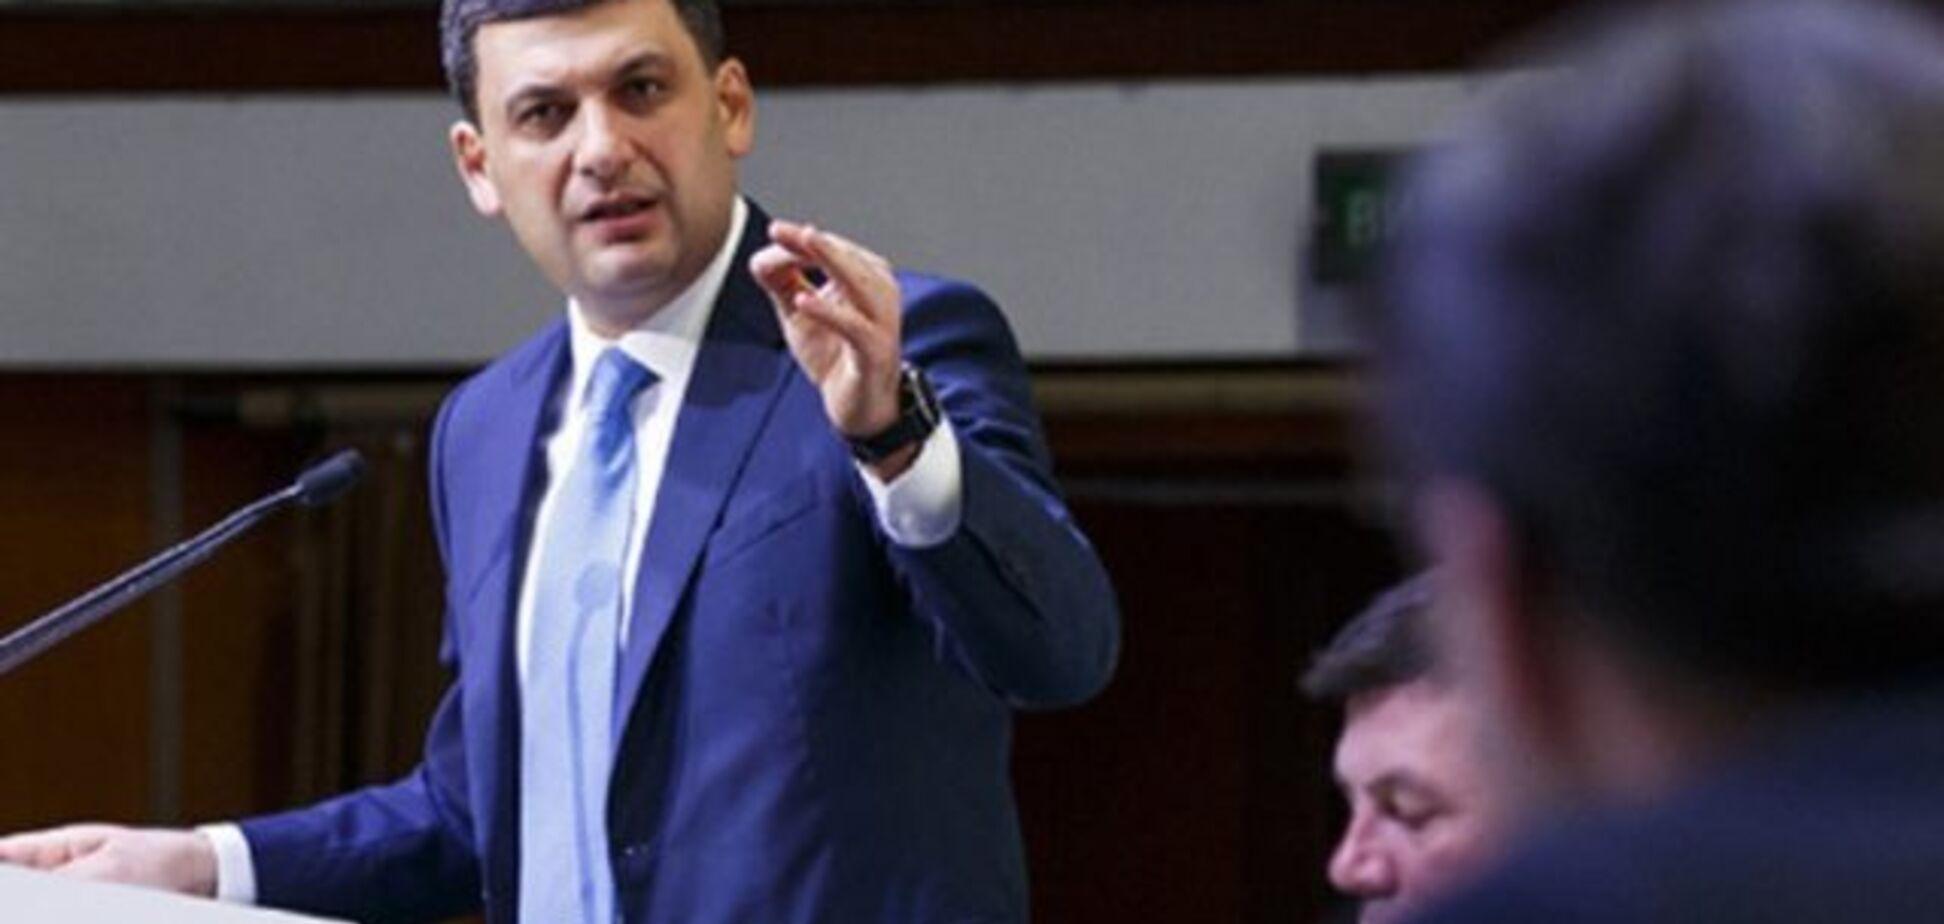 Геращенко закликала Гройсмана не грати у 'піддавки' з ворогом